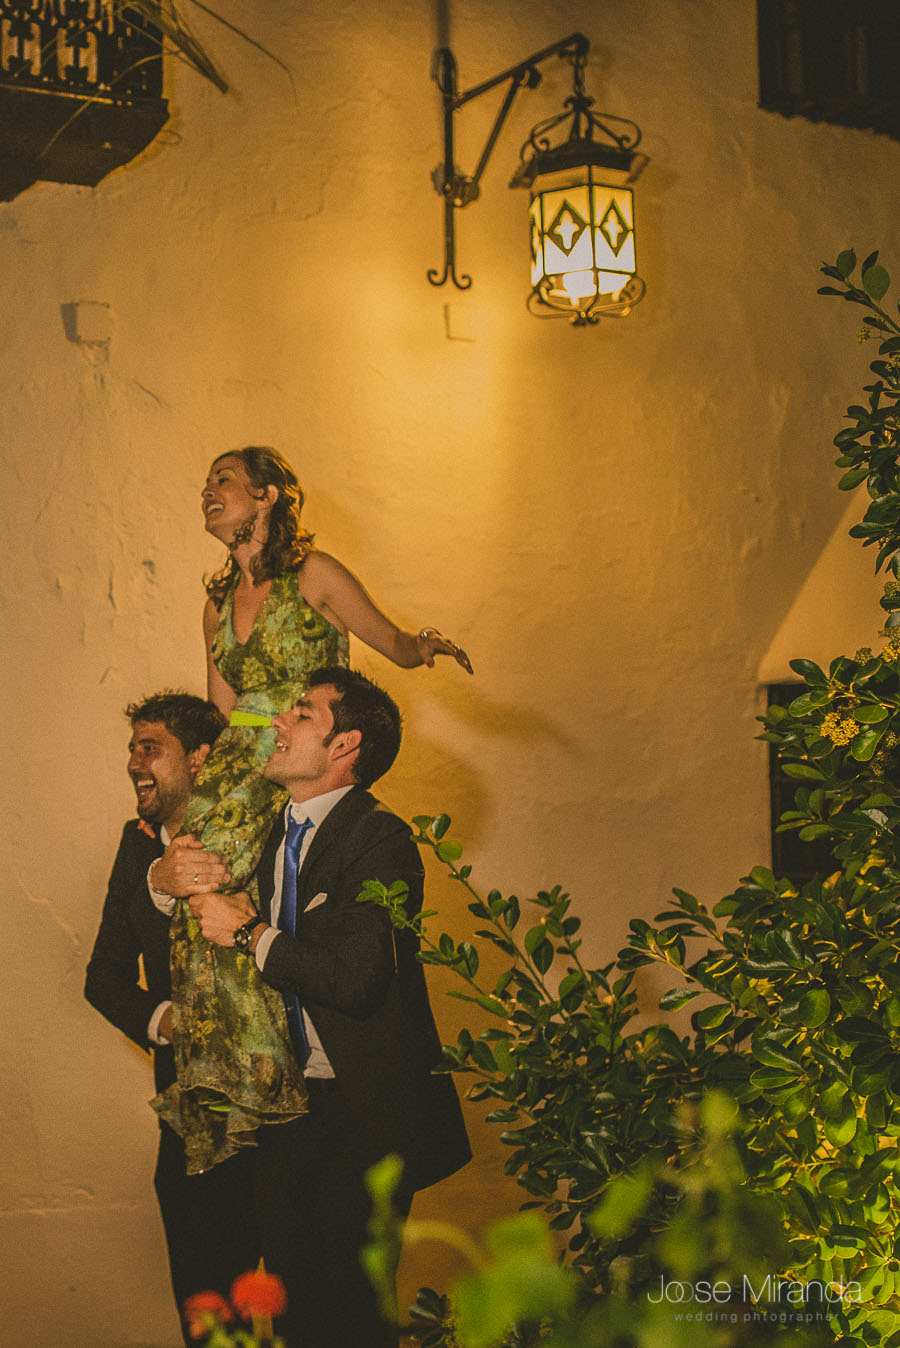 Los amigos subiendo a hombros a una amiga para ver a la novia entre los invitados